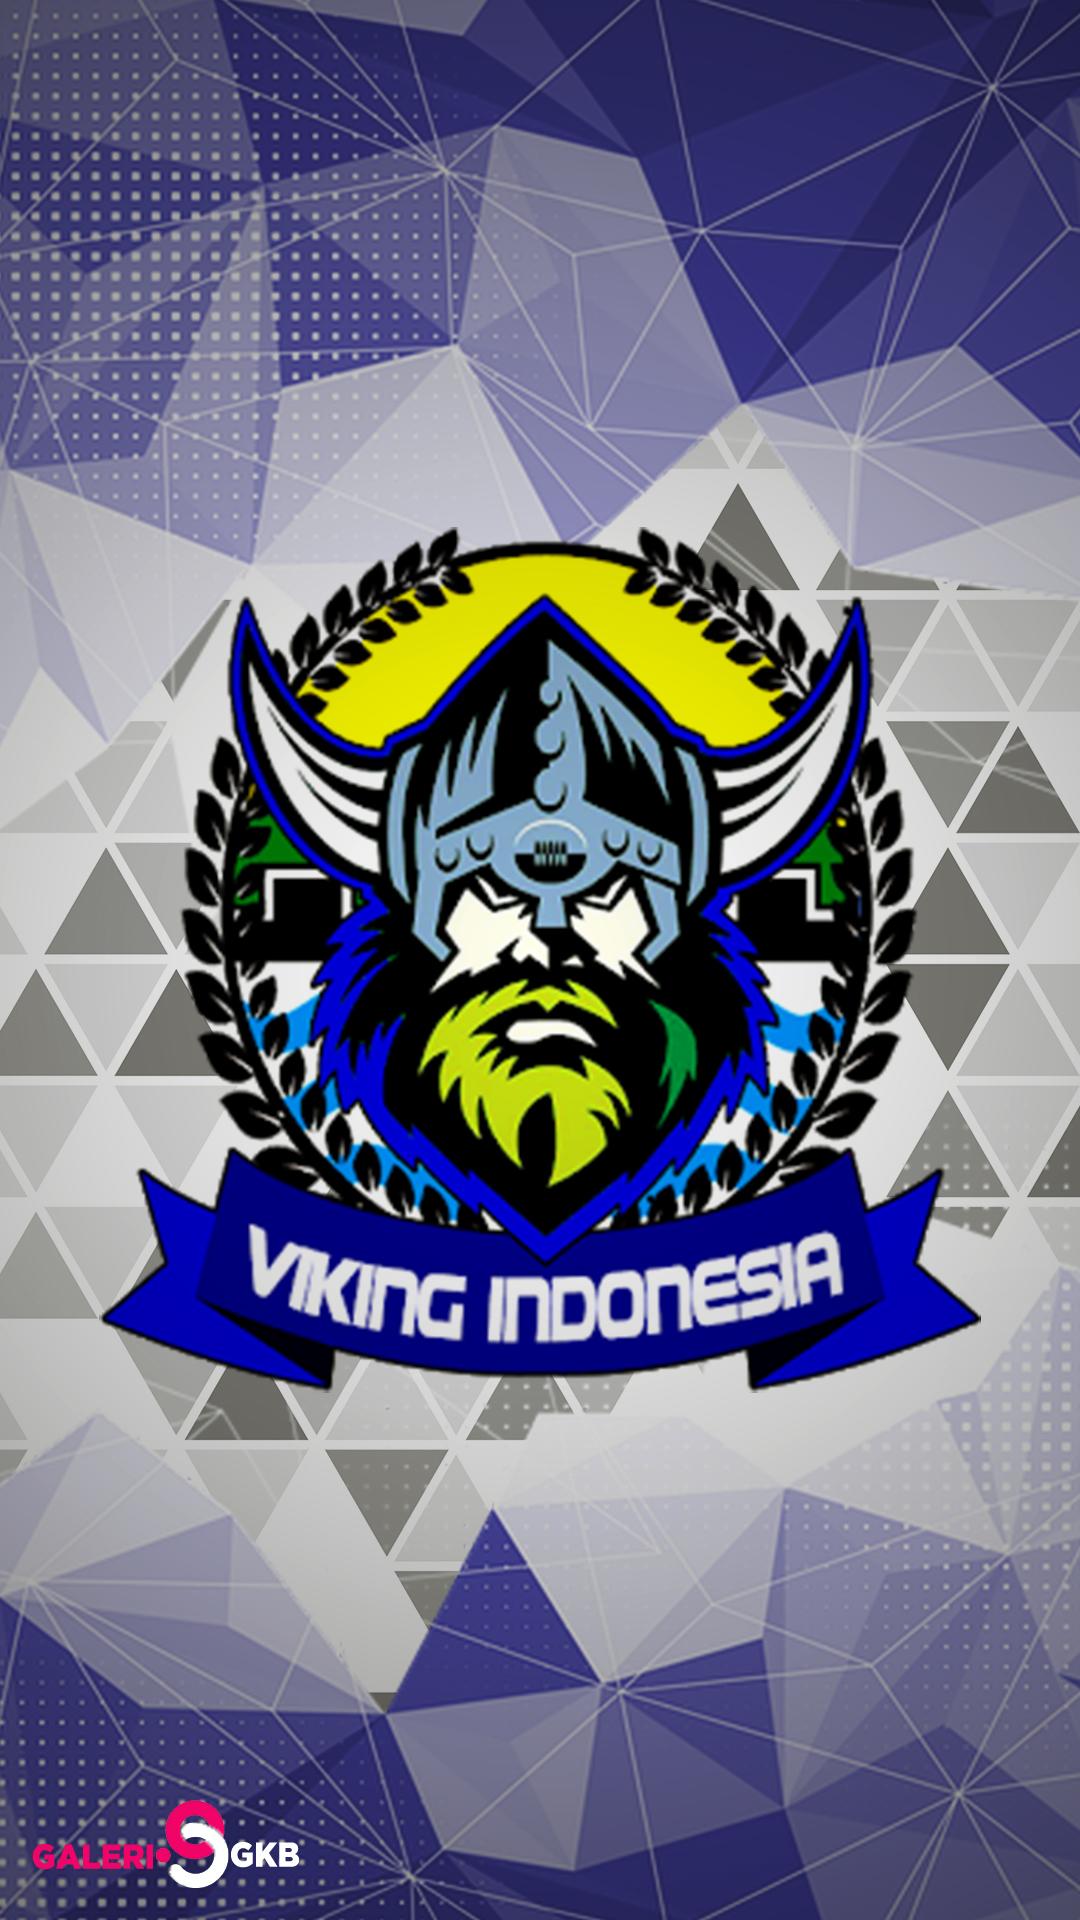 Viking Persib Kumpulan Gambar Wallpaper Viking Persib Terbaru HD